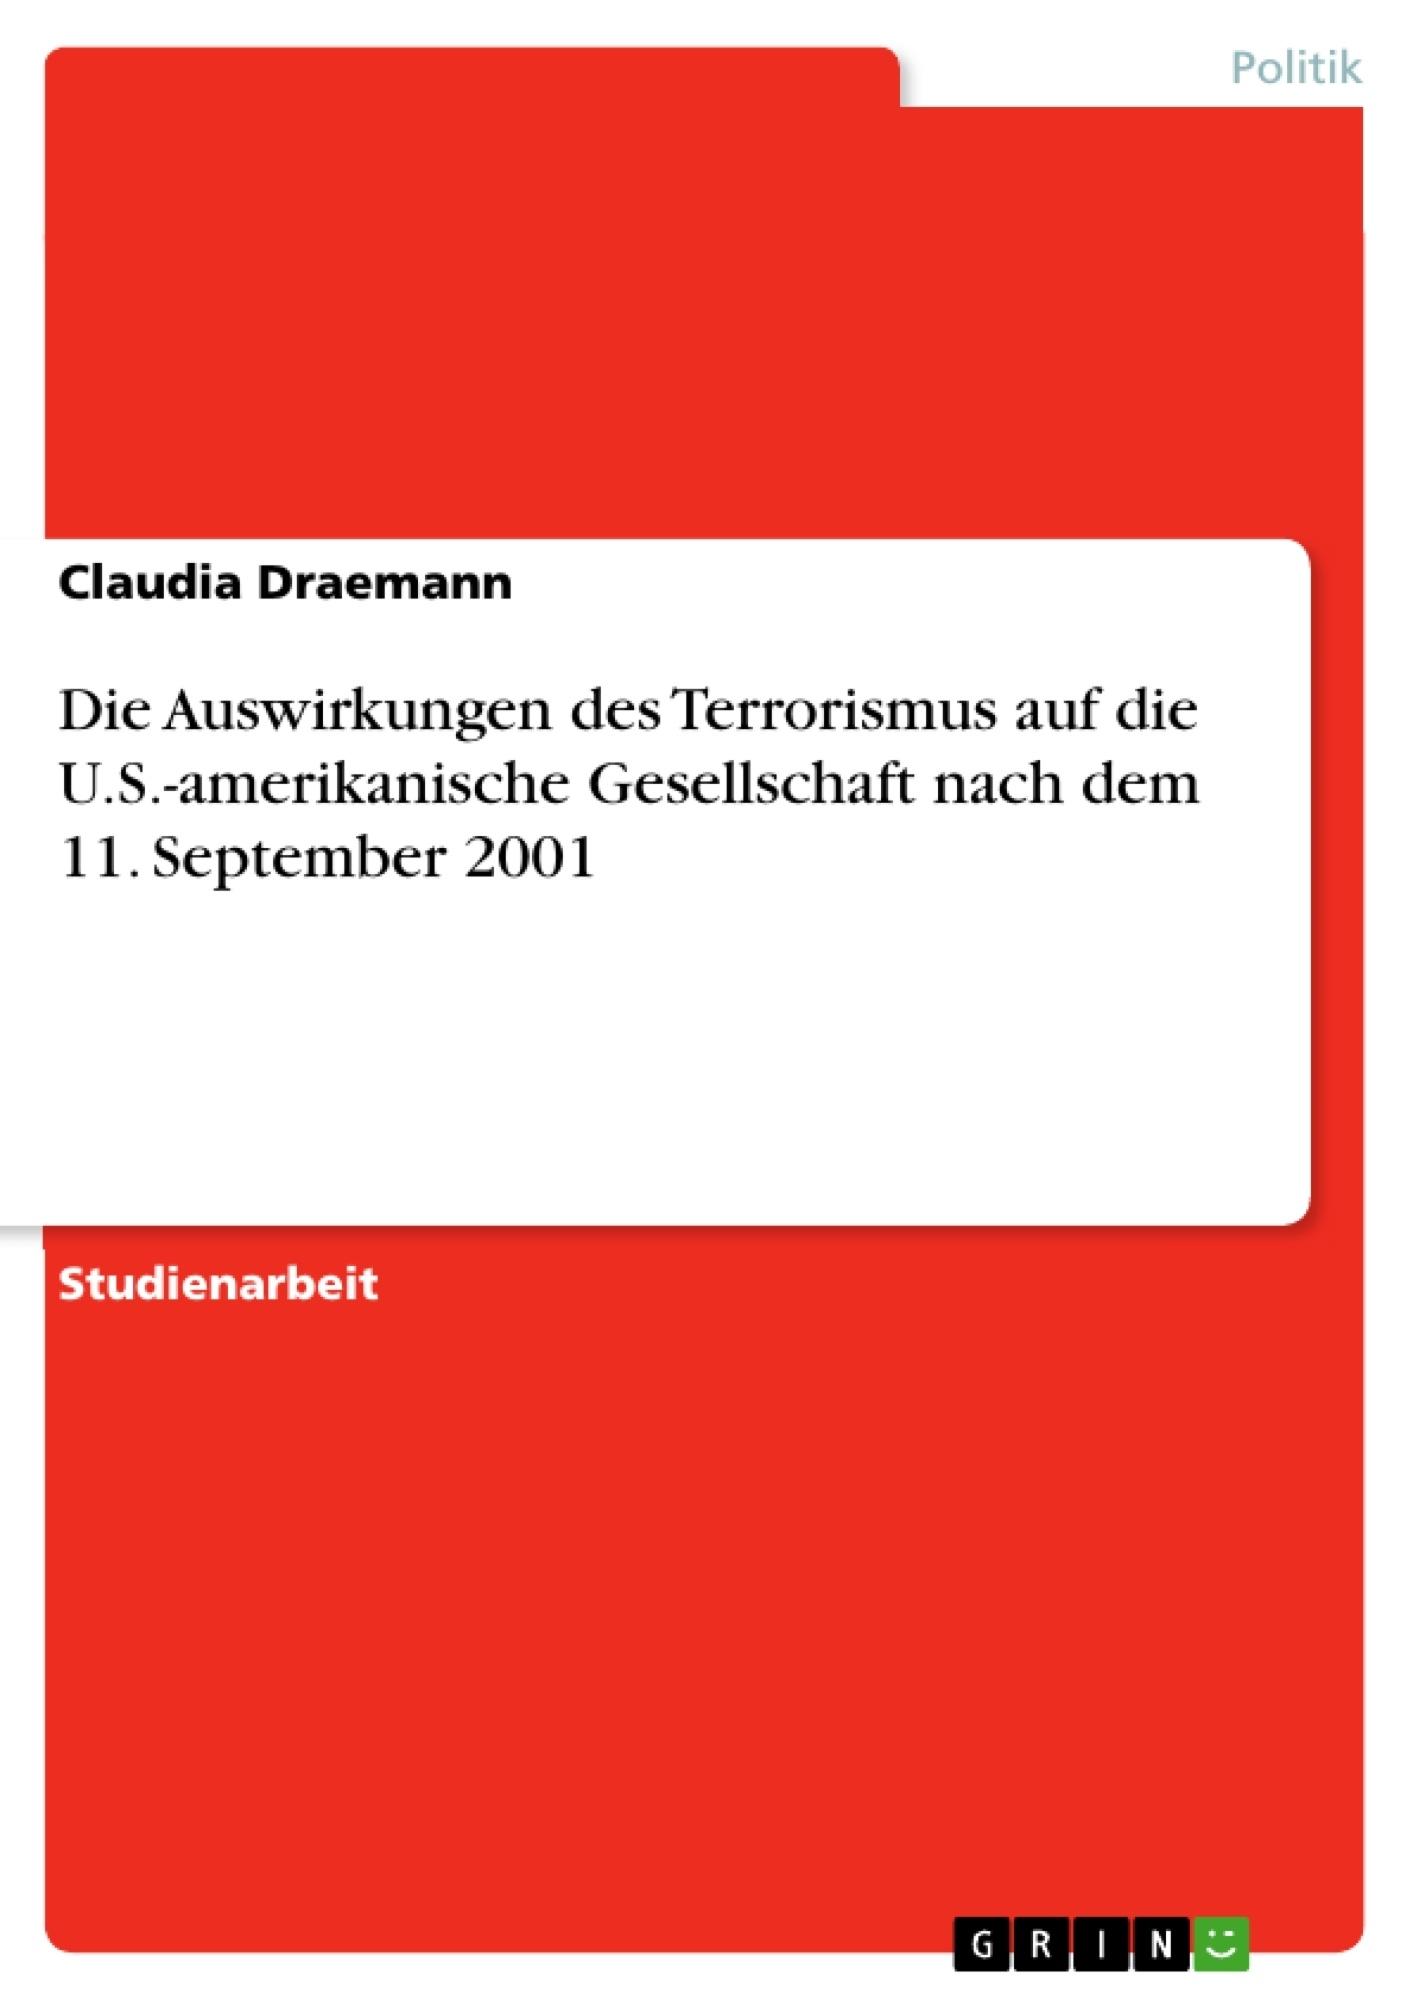 Titel: Die Auswirkungen des Terrorismus auf die U.S.-amerikanische Gesellschaft nach dem 11. September 2001